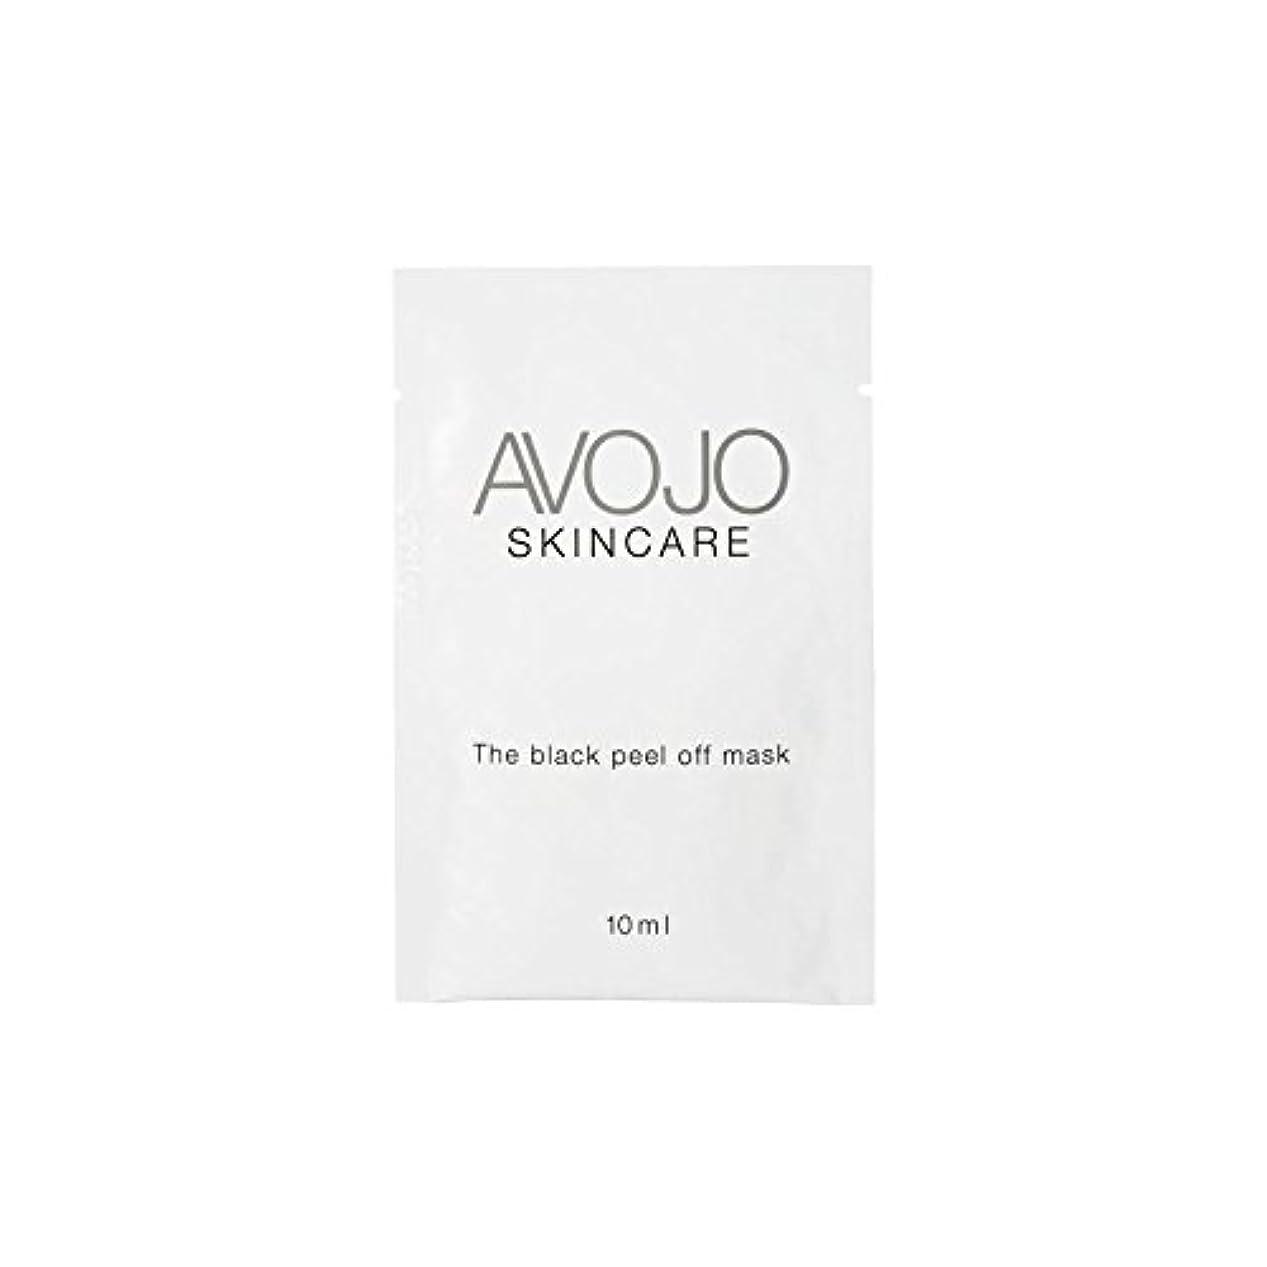 差別的衝突コース鮫- ブラックピールオフマスク - 小袋(10ミリリットル×4) x2 - Avojo - The Black Peel Off Mask - Sachet (10ml X 4) (Pack of 2) [並行輸入品]